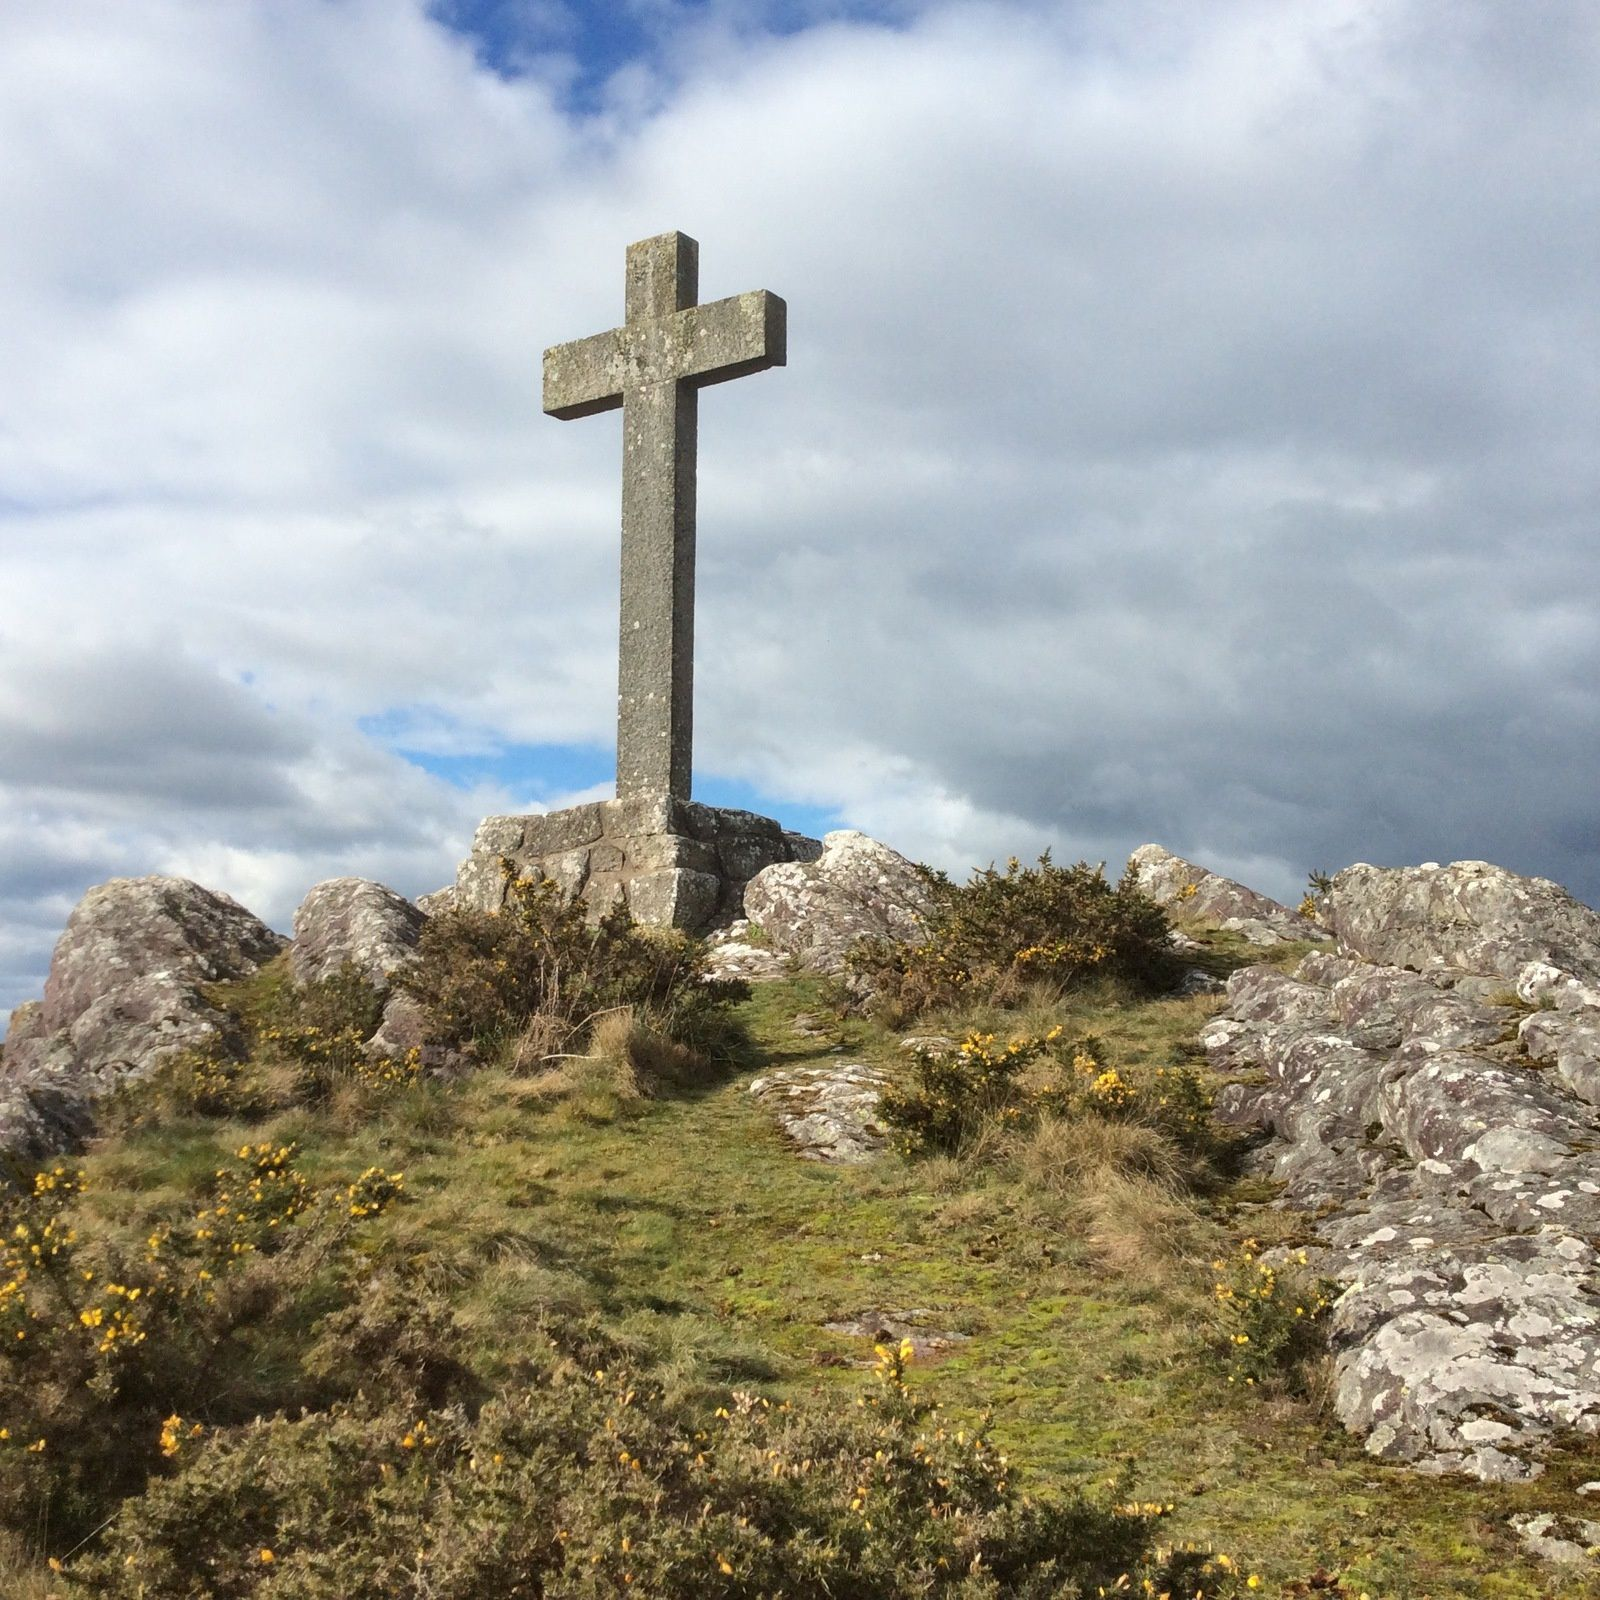 """""""Ô Croix dressée sur le monde..."""" La Croix, c'est le début du nouveau monde où l'Amour peut régner à nouveau dans la vie de ceux qui le reçoivent..."""